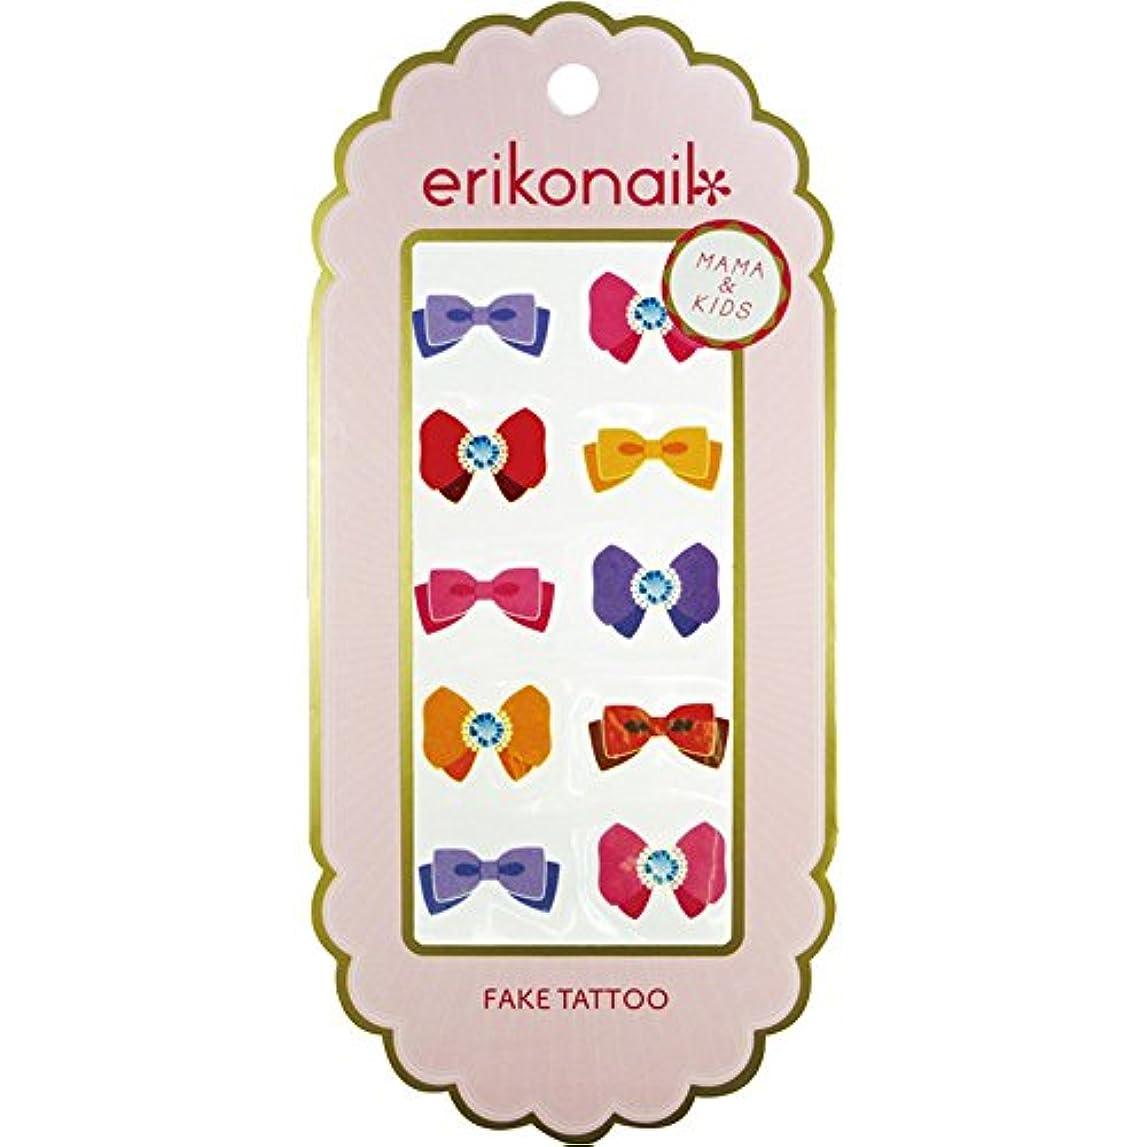 導出名目上の。erikonail ママ&キッズフェイクタトゥー EMKF-6